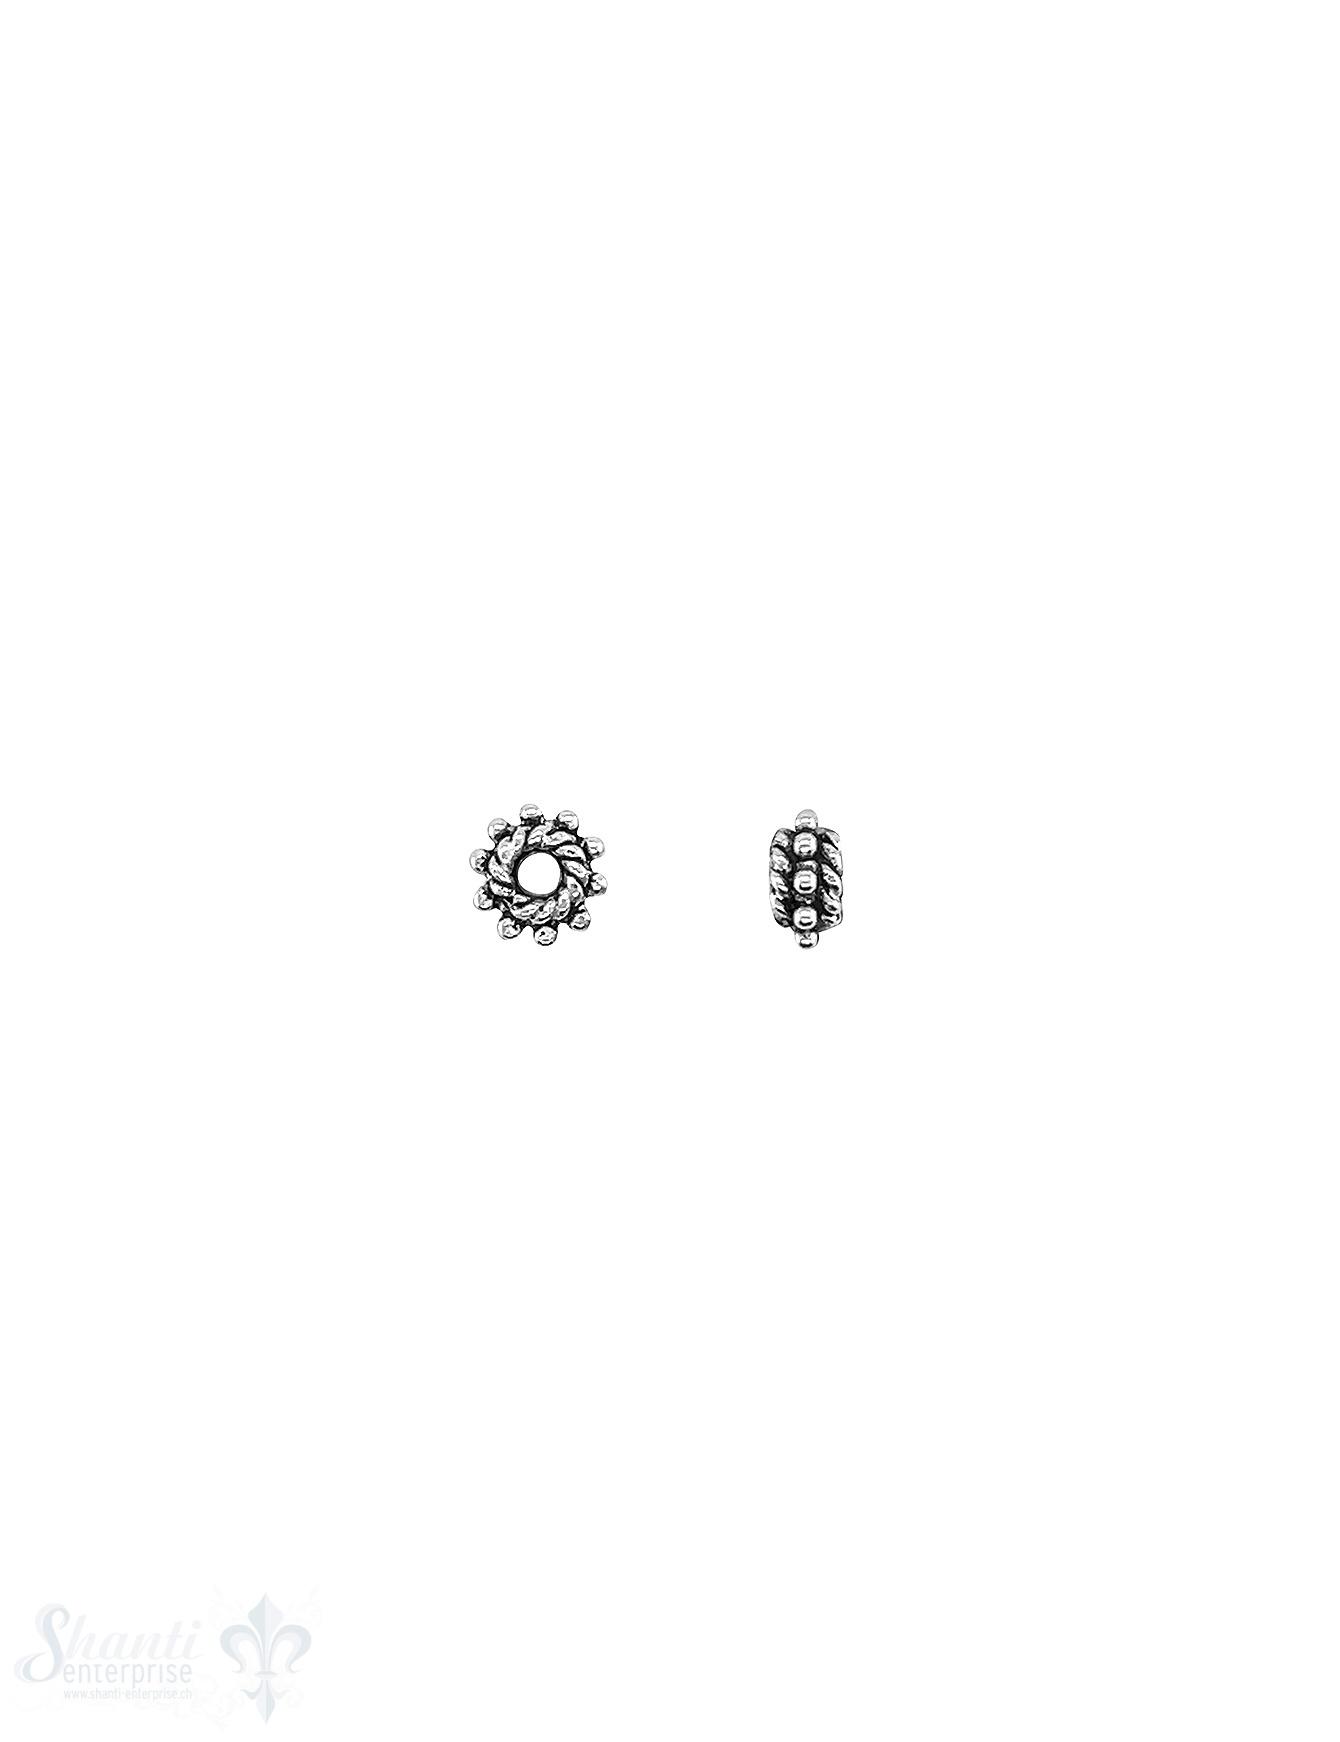 Rondellen Element 6x3 mm gepunktet am Rand